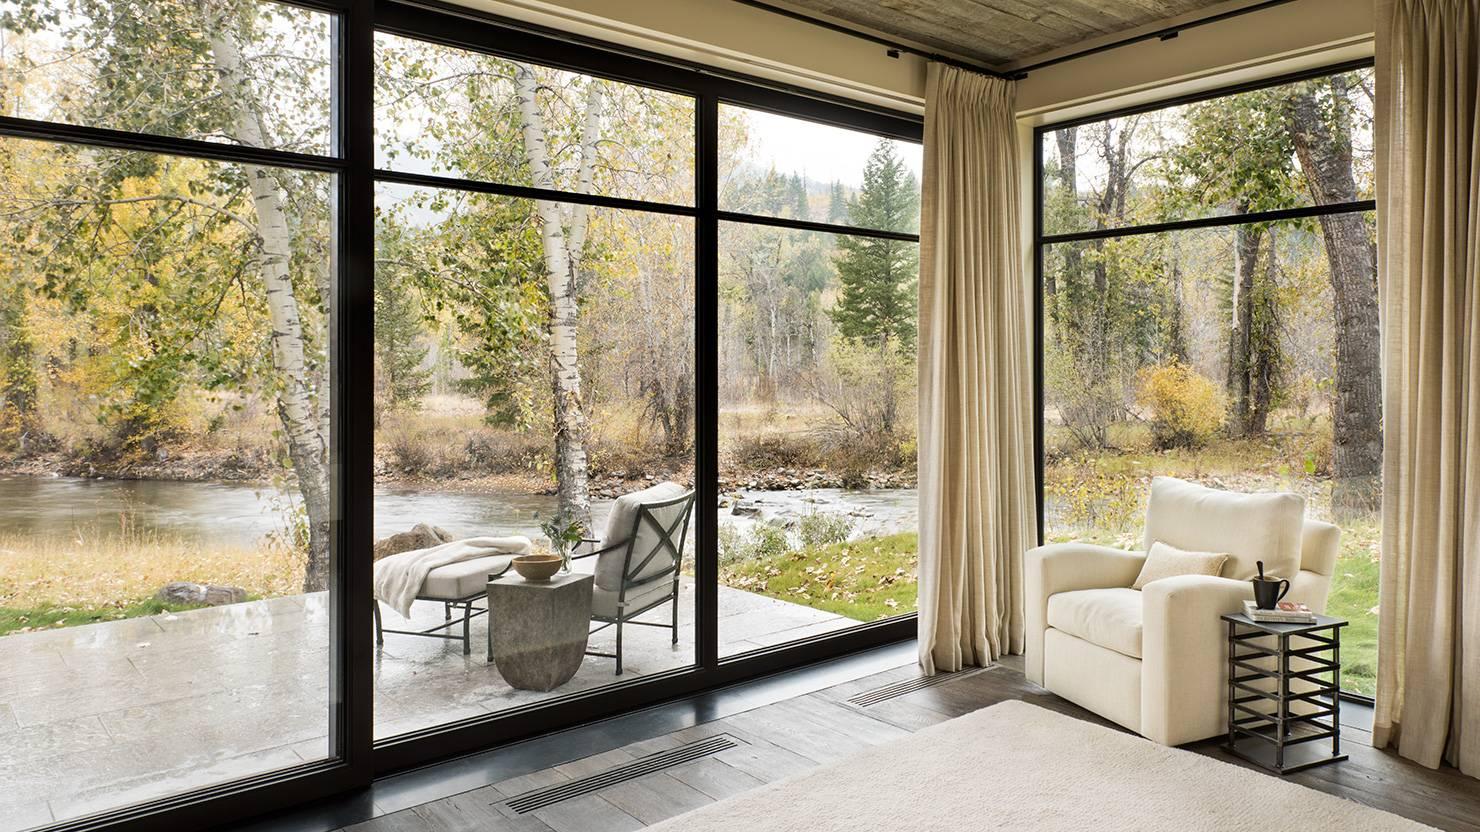 acciaio-zincato-serramenti-facciata-jarvis-group-architects-villa-padiglione-parco-4_project_big